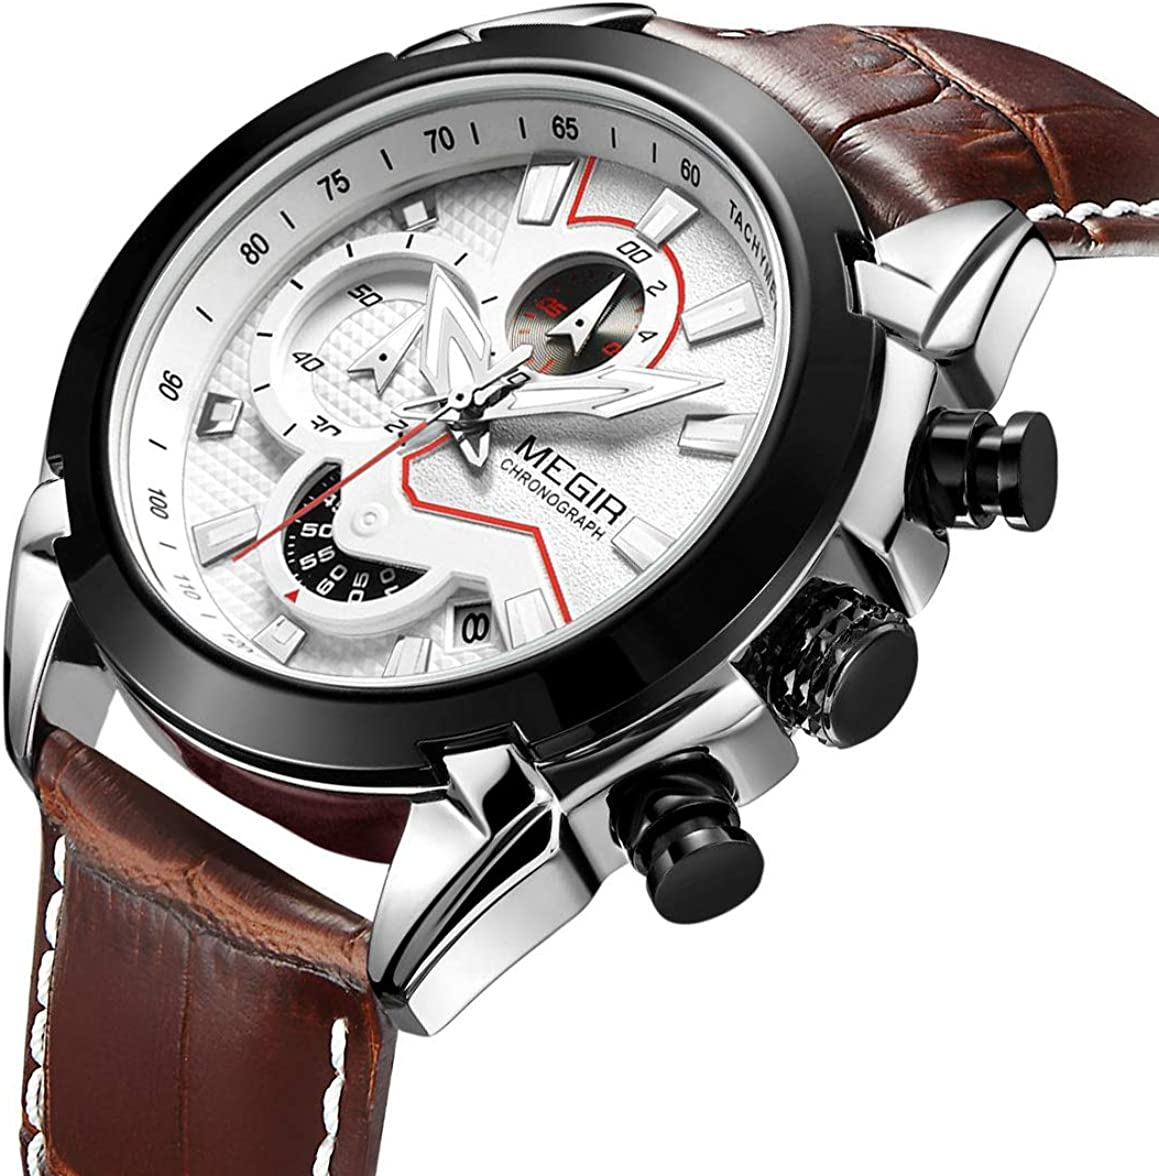 Big Face MEGIR - Reloj de pulsera analógico para hombre con cronógrafo y correa de piel luminosa